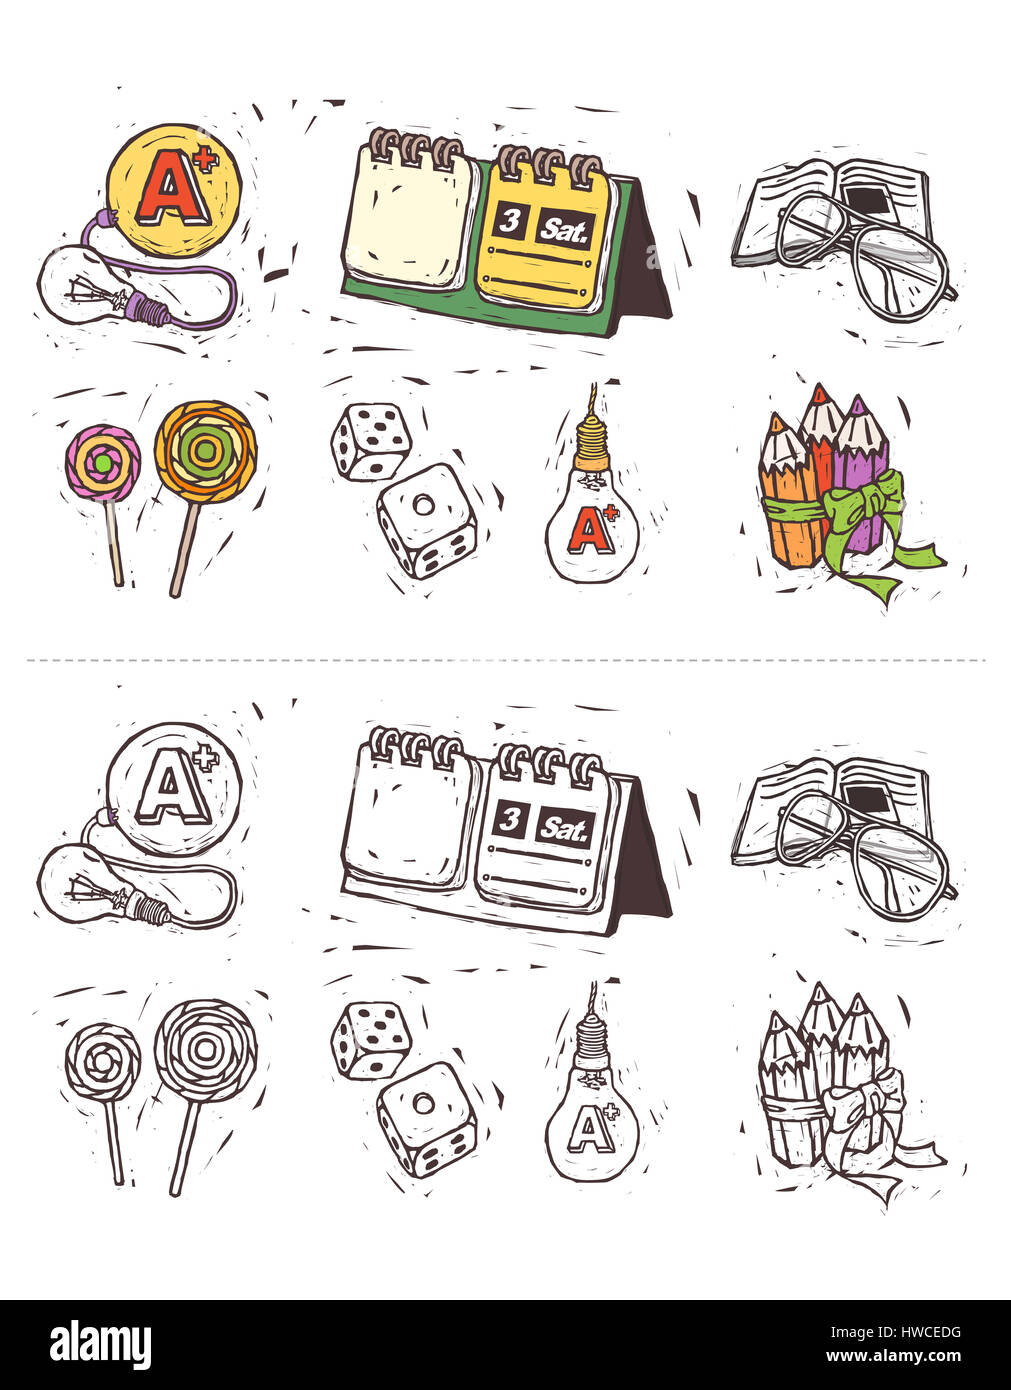 alphabet,arrangement,bizarre,book,bulb,calendar,candy